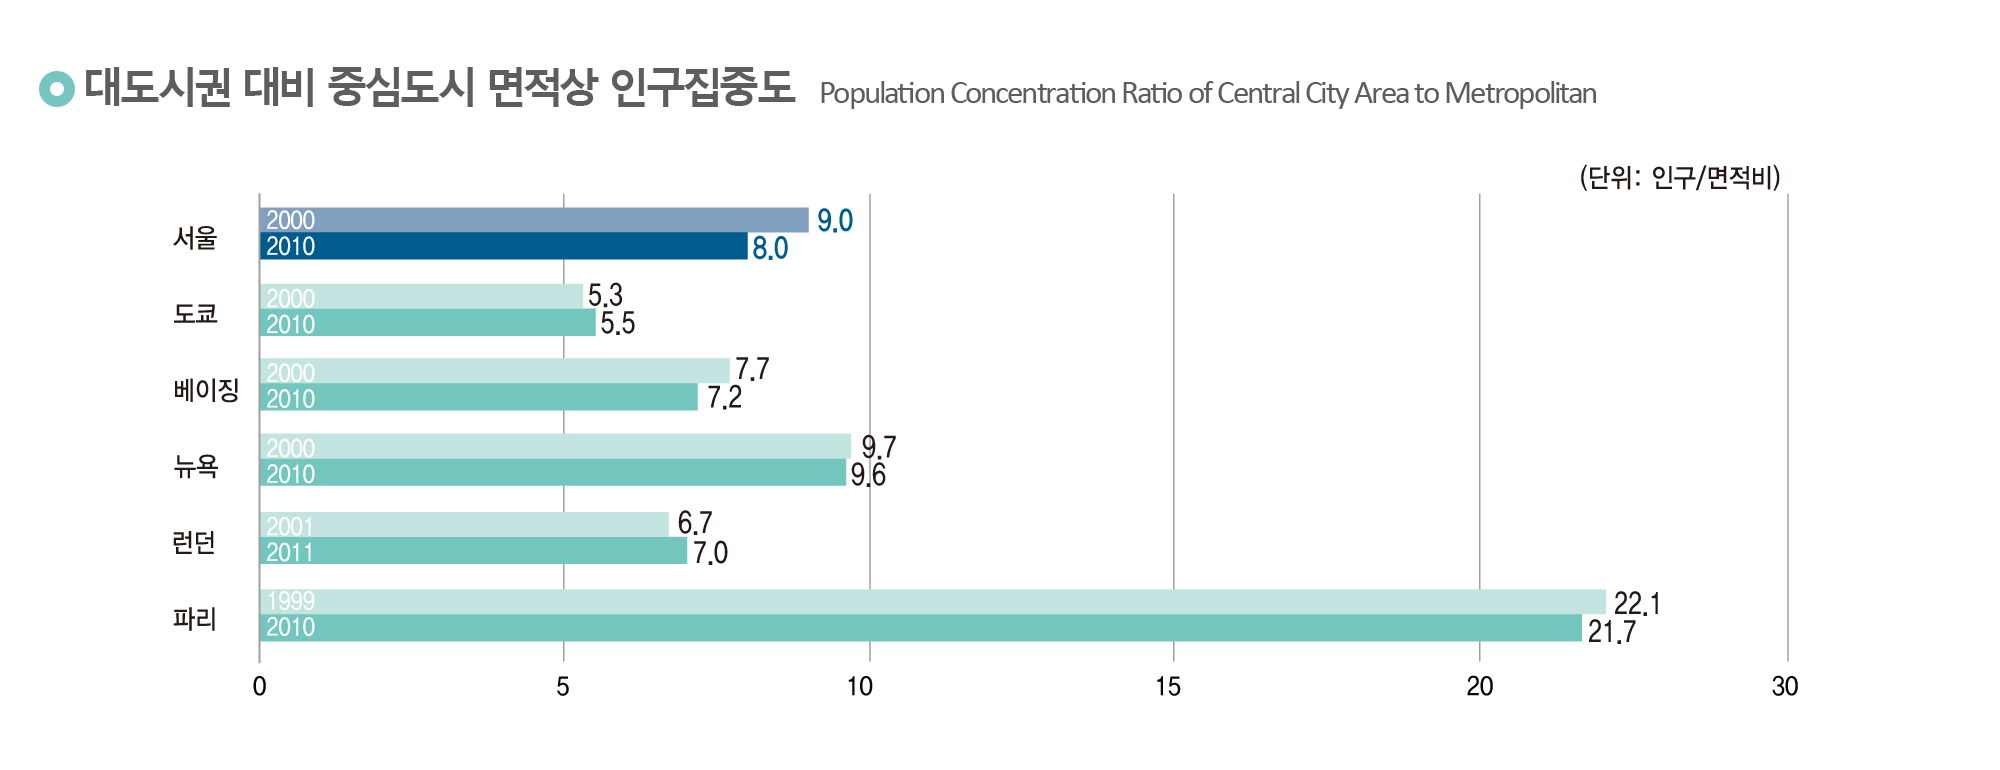 대도시권 대비 중심도시 면적상 인구집중도